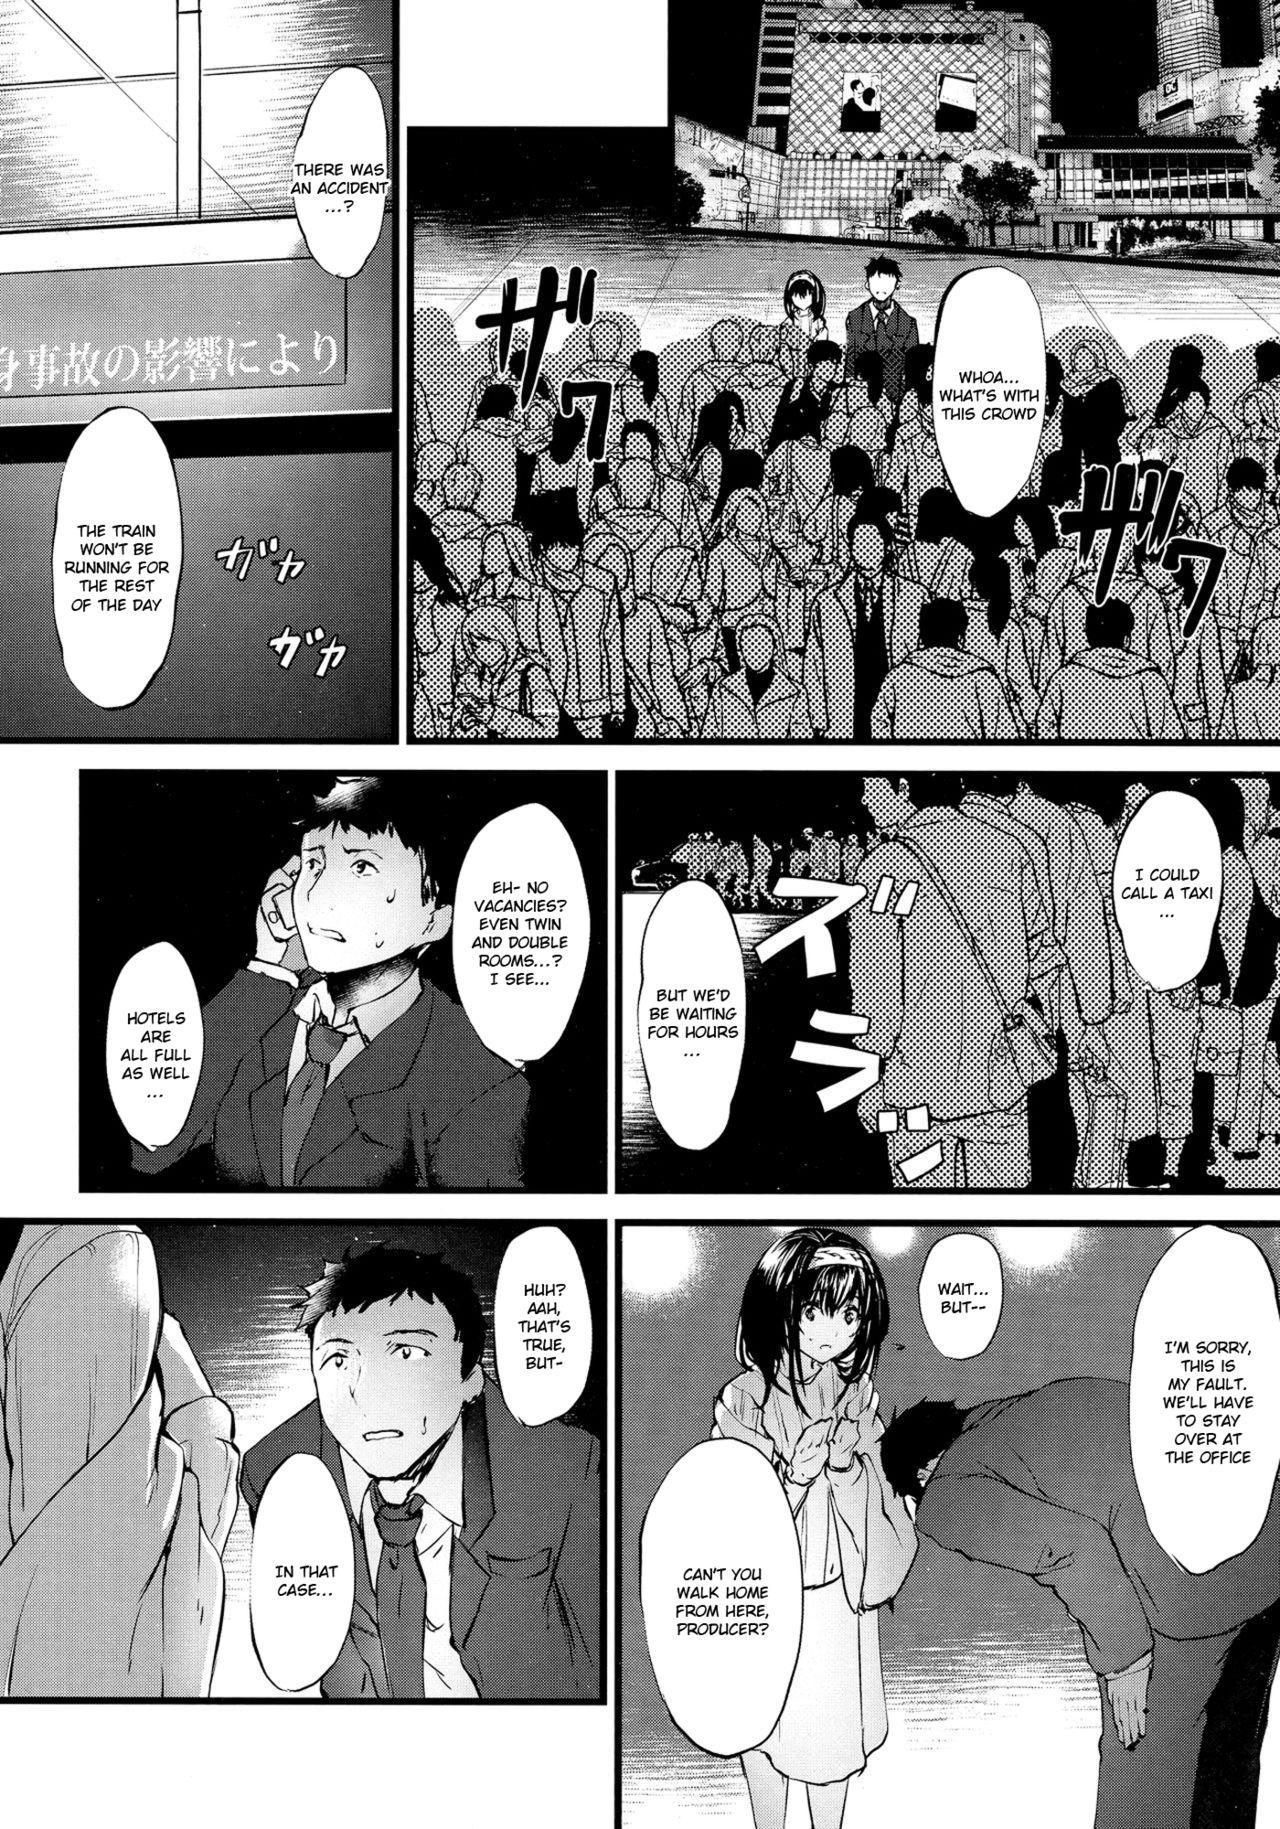 Konna ni mo Itooshii 13